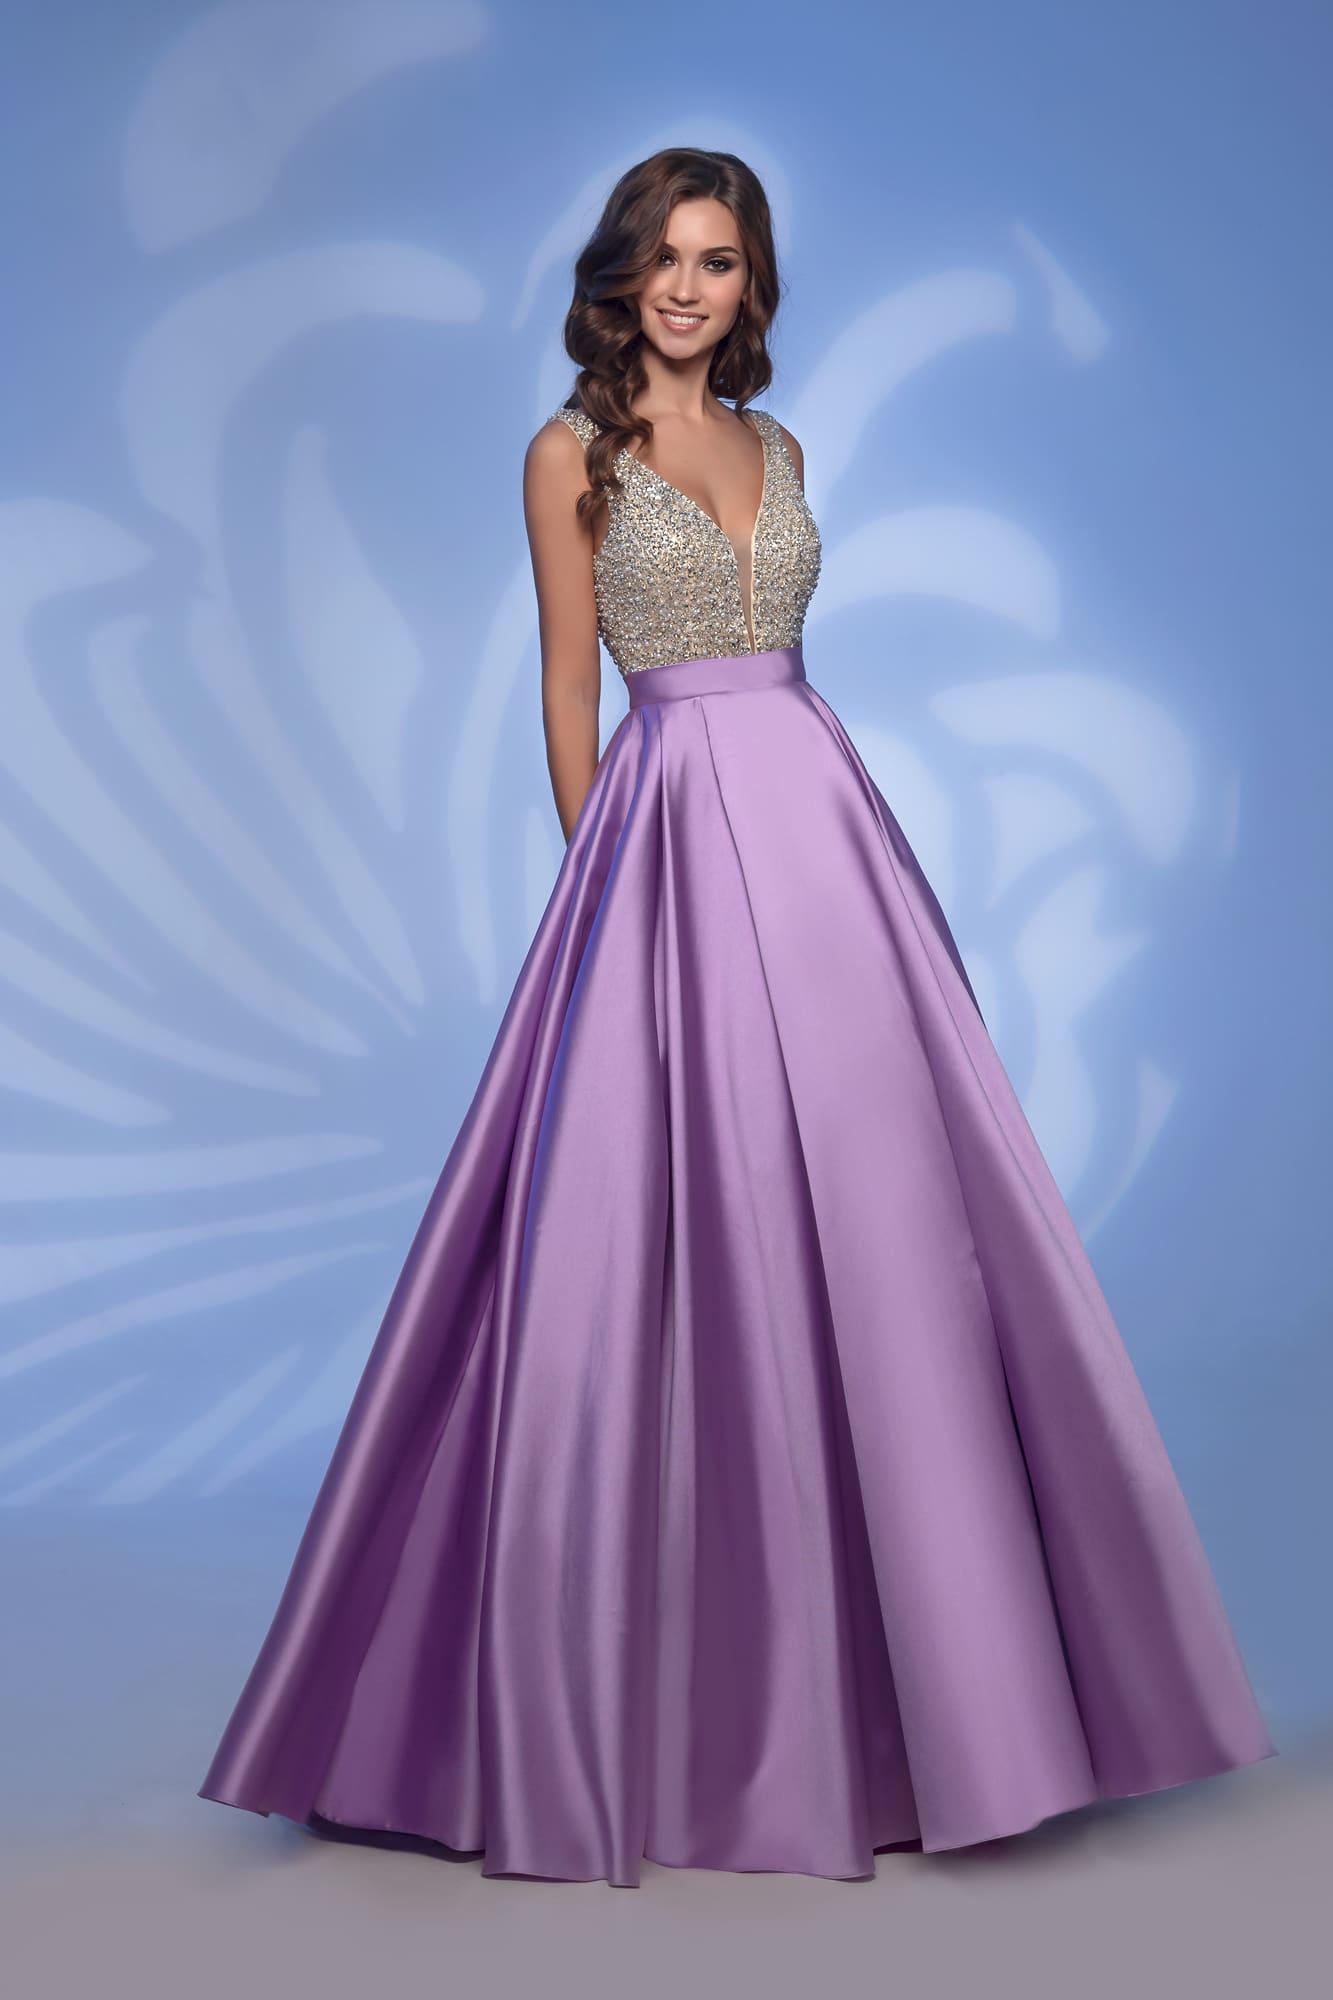 4f0ef0d2dc1 Фиолетовое вечернее платье Nora Naviano 32382 purple ▷ Свадебный ...